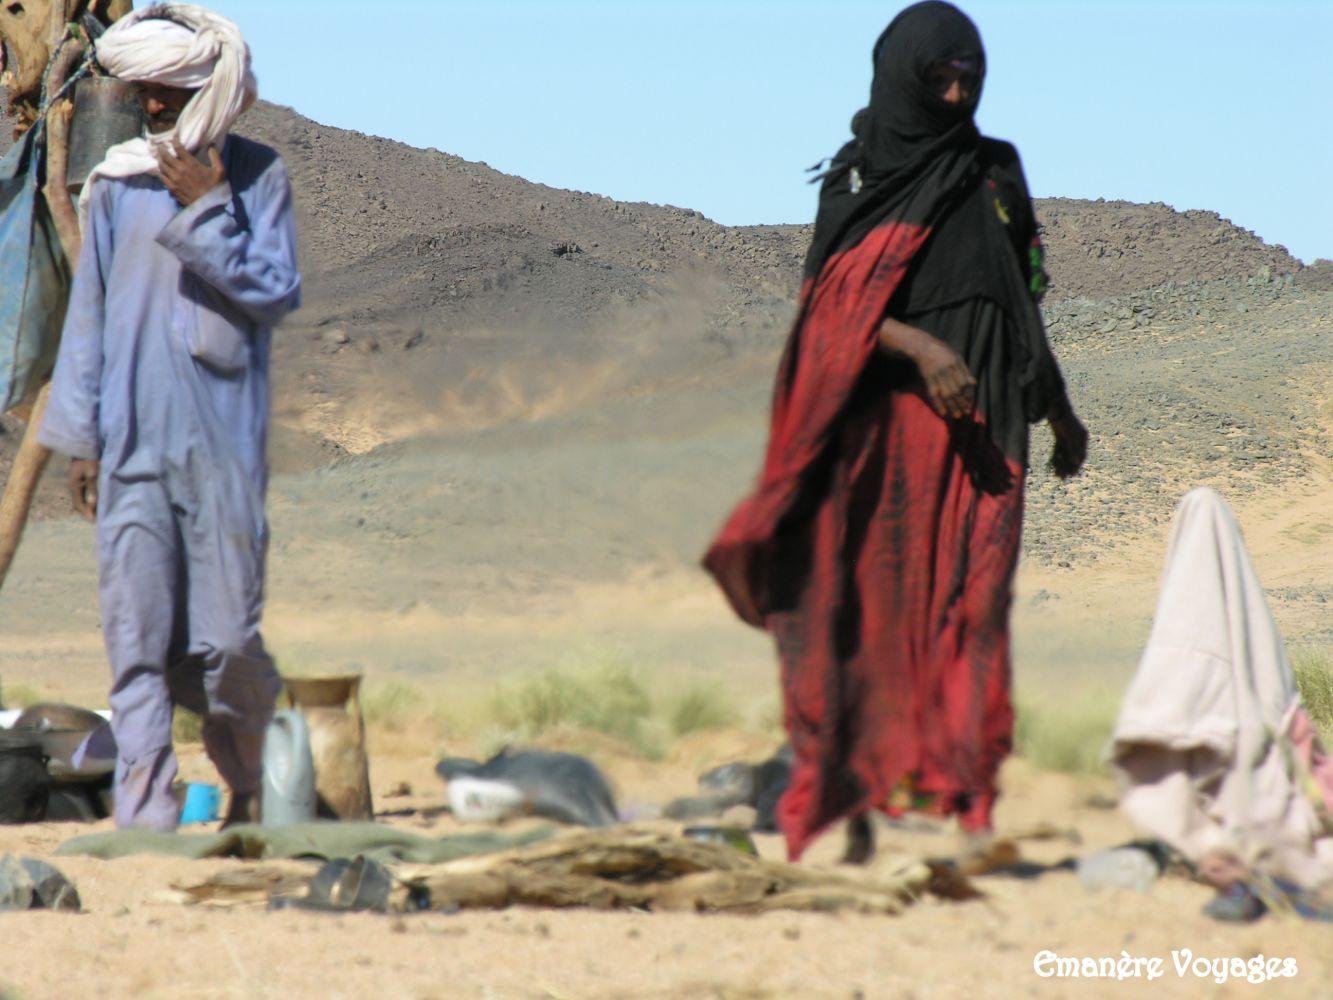 Nomades_Touareg_desert_Algerie.JPG